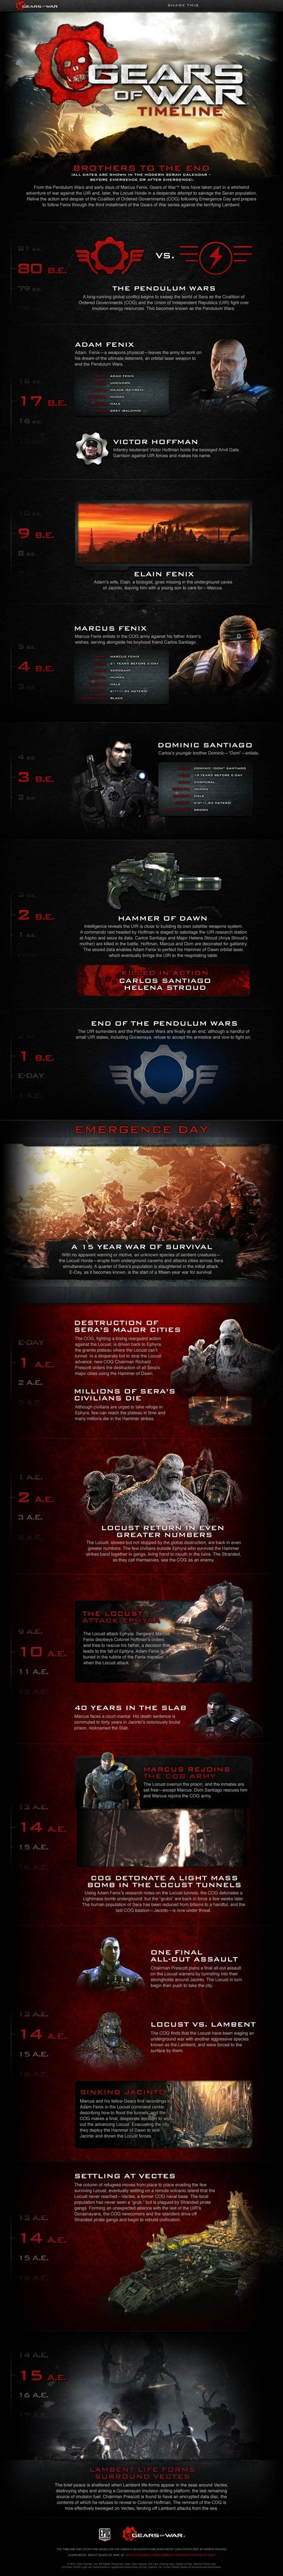 Gears-of-War-Timeline1